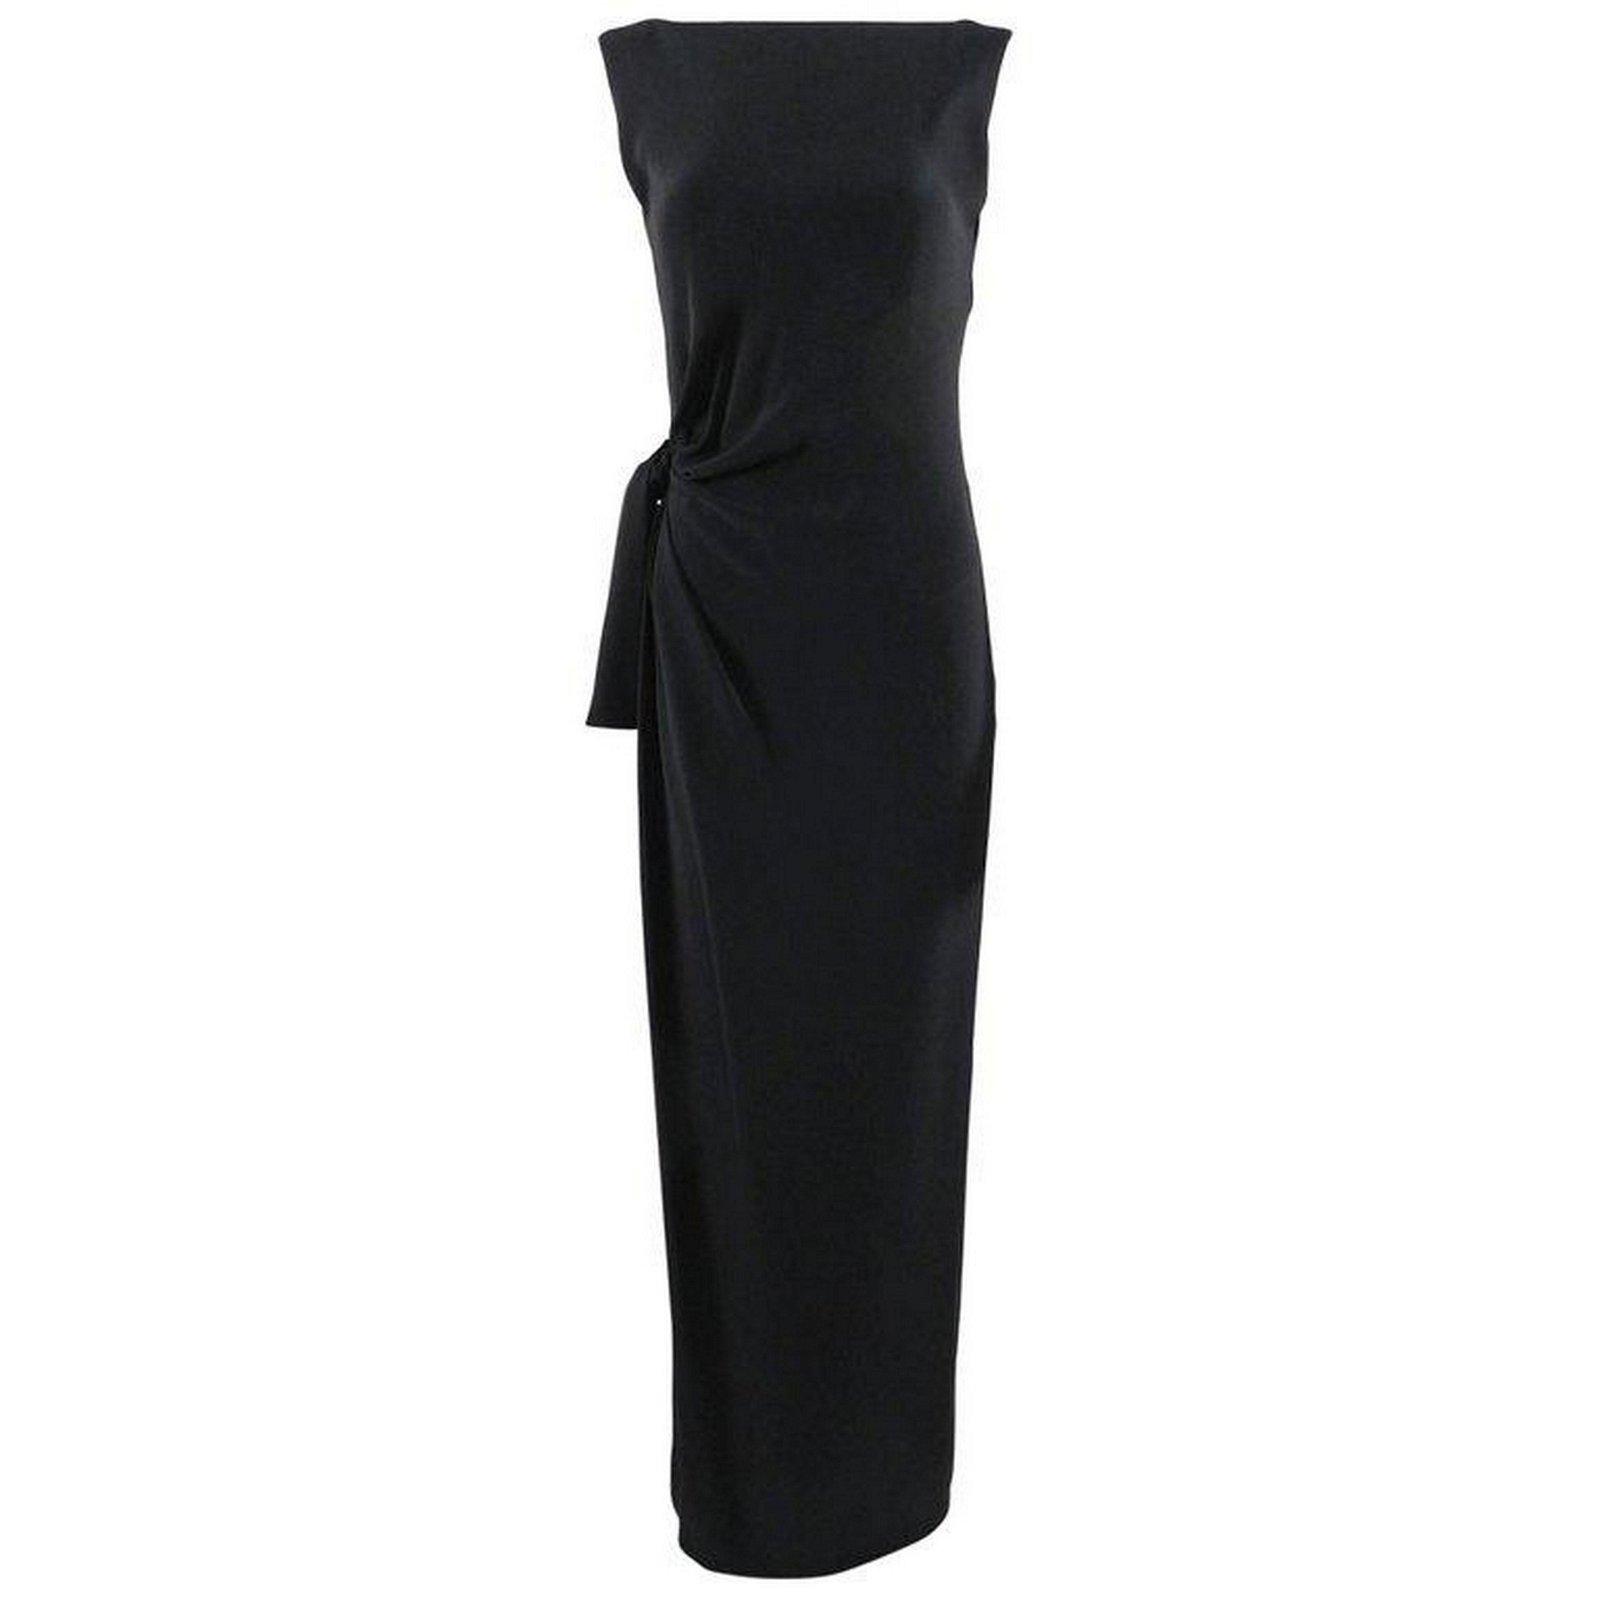 Yves Saint Laurent Vintage AW 1998 Haute Couture Black